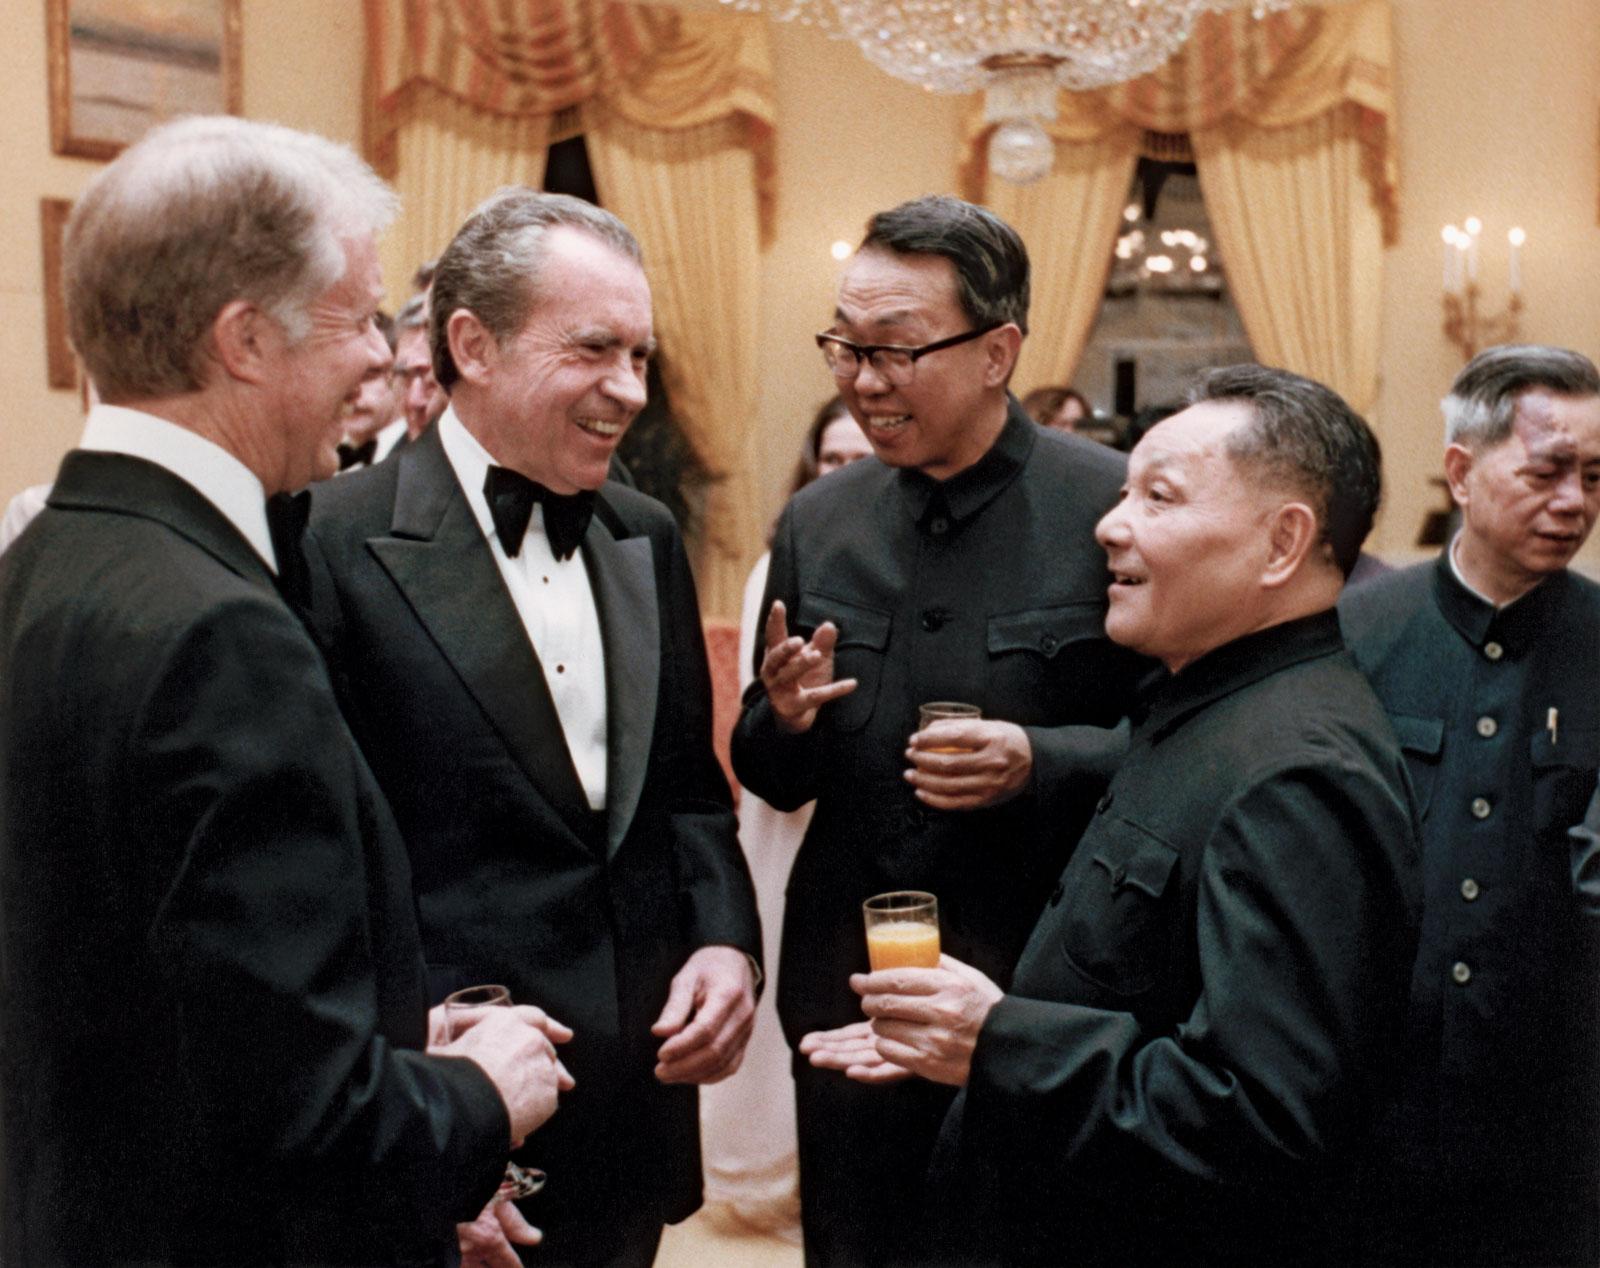 Carter, Nixon, um tradutor e Deng em conversa animada na Casa Branca. A imagem da vitória do pragmatismo sobre as ideologias: China e EUA precisaram mudar radicalmente as políticas aplicadas até então para preservar o status quo.